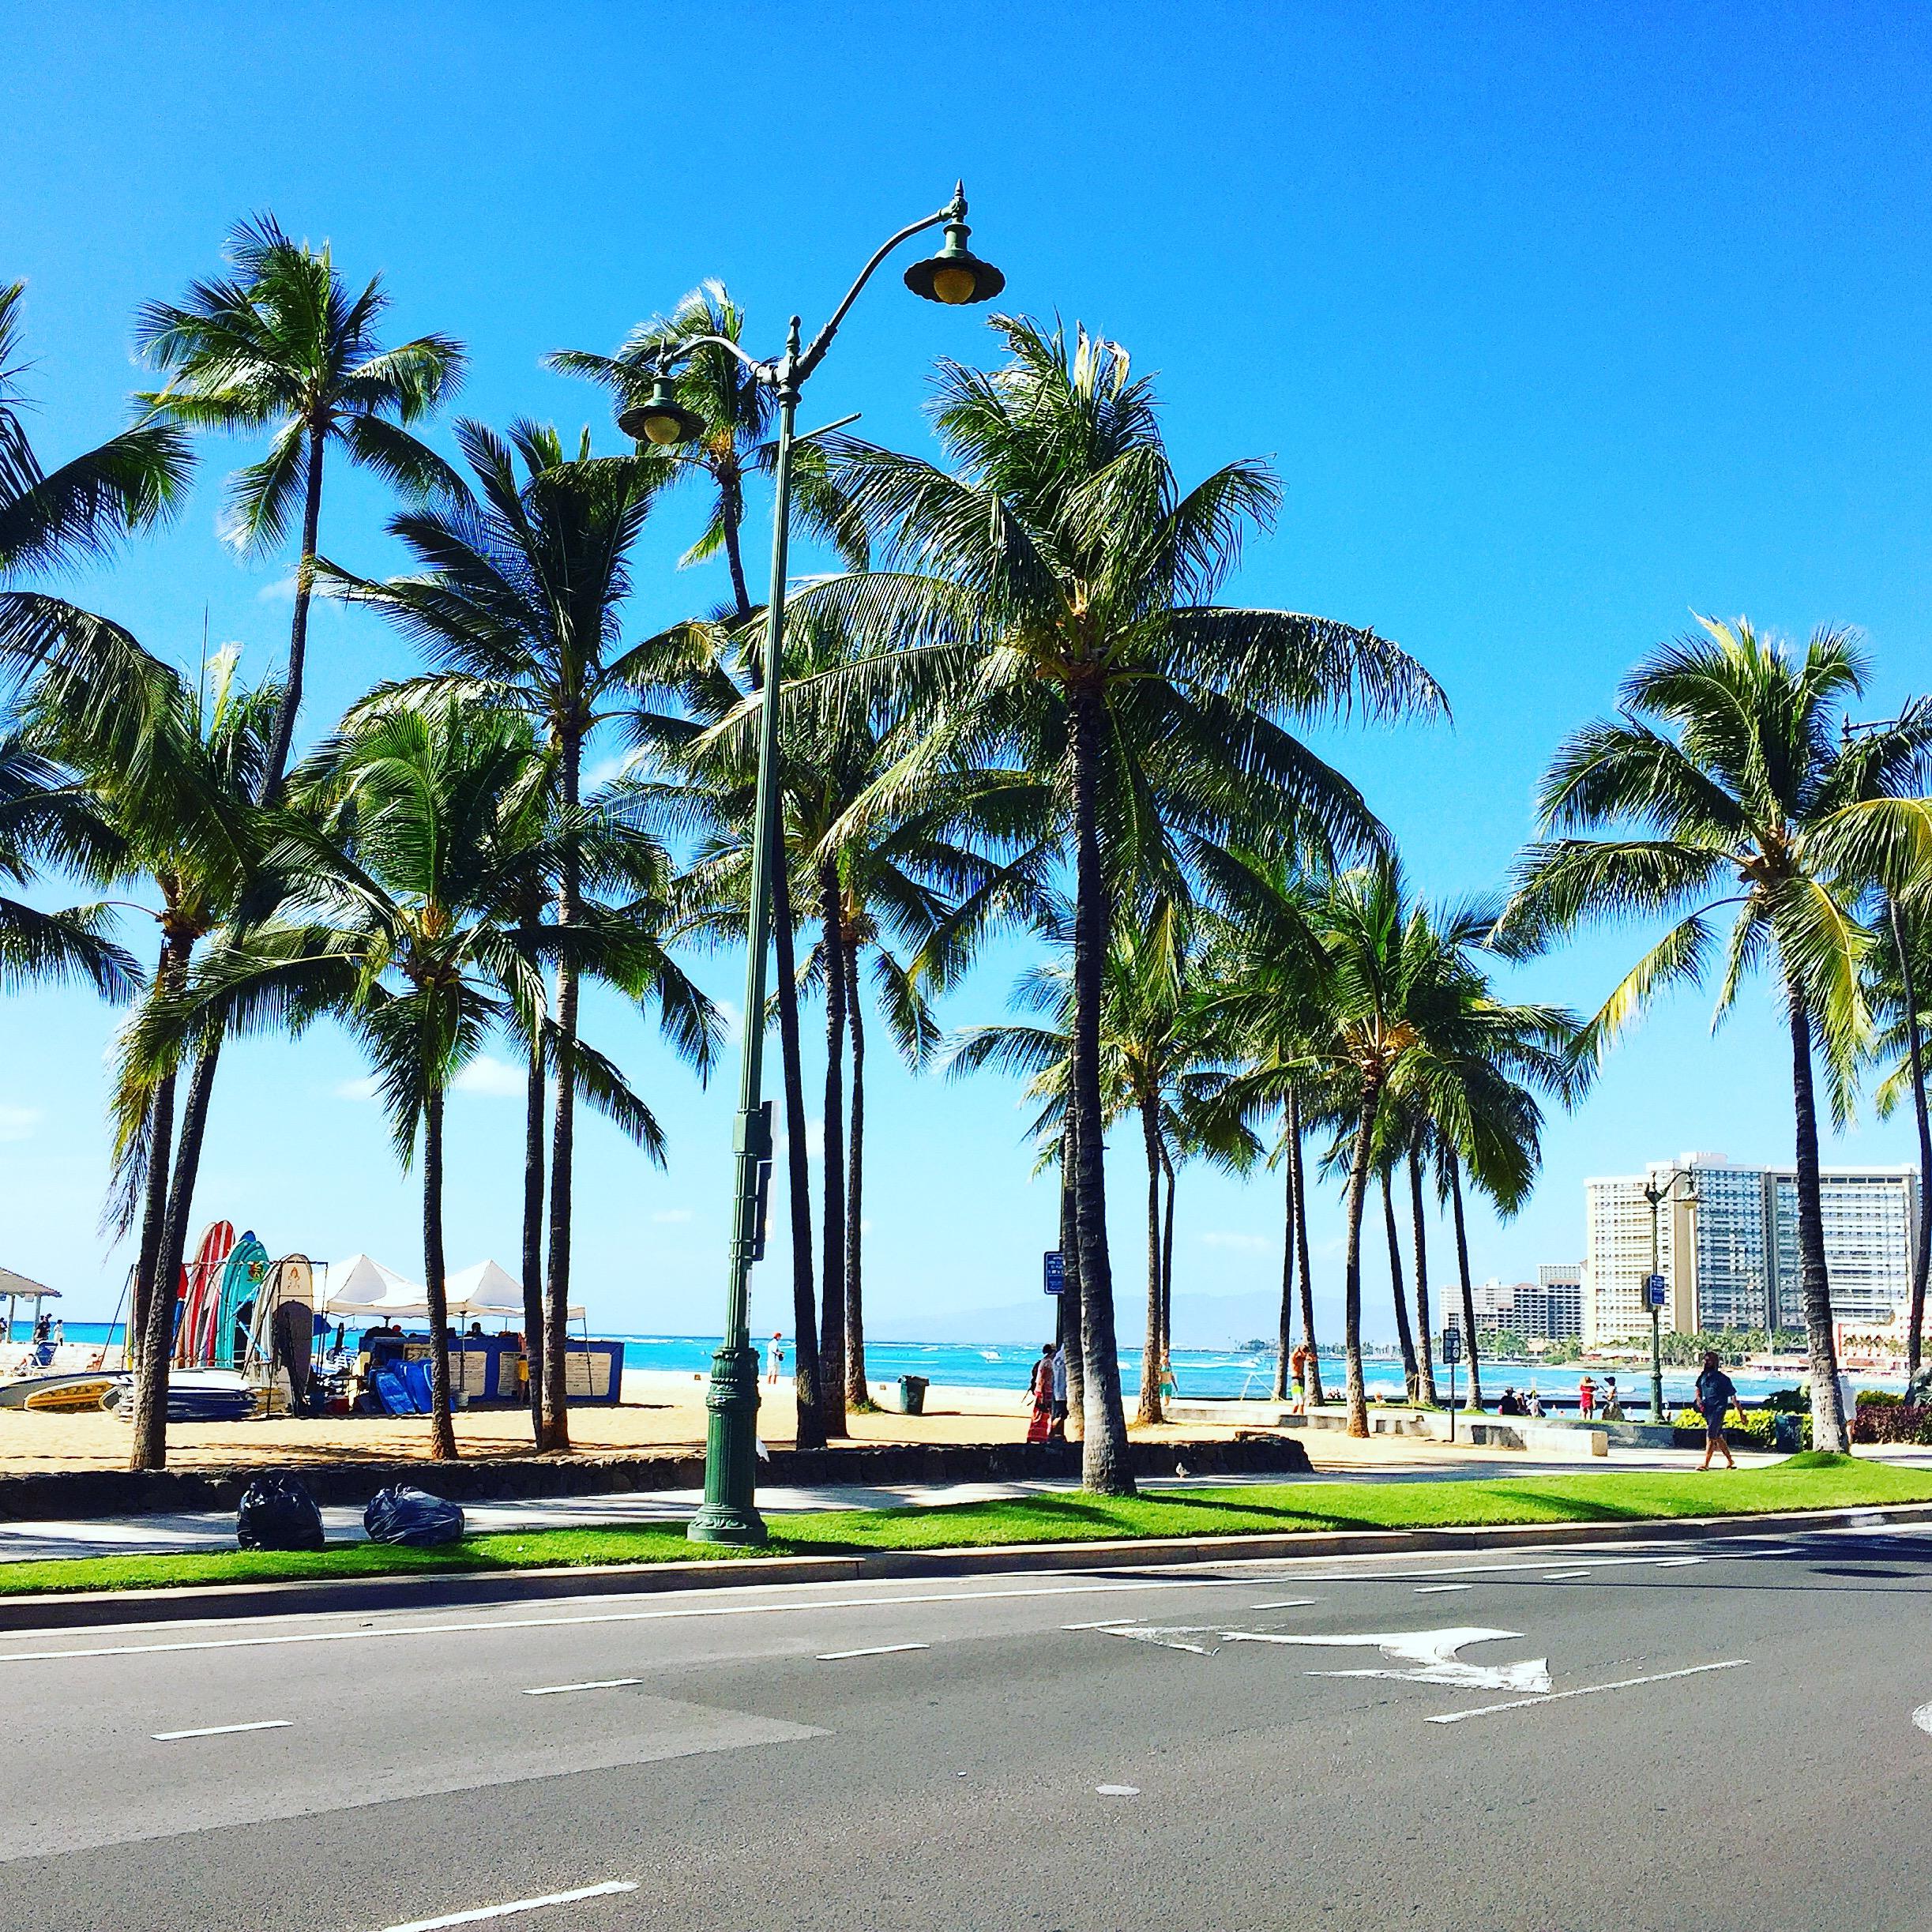 ハワイが好きな3つの理由!なぜ、こんなにもハワイが好きなのか!